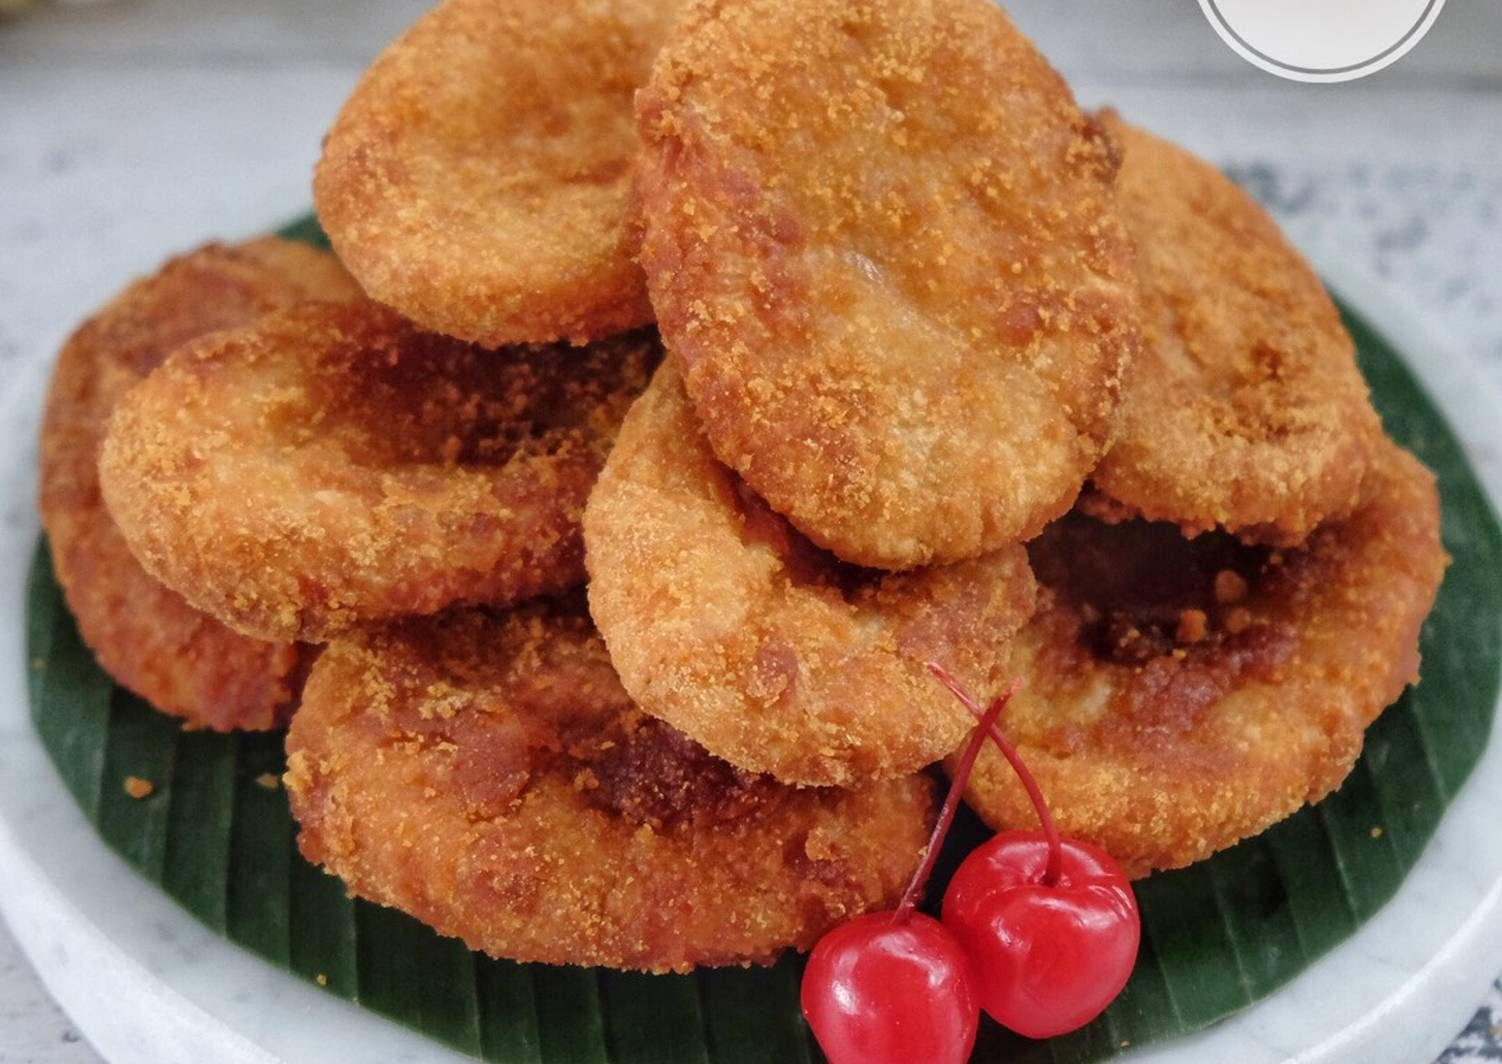 Resep Gemblong Getas Oleh Susi Agung Resep Resep Resep Makanan Resep Masakan Indonesia